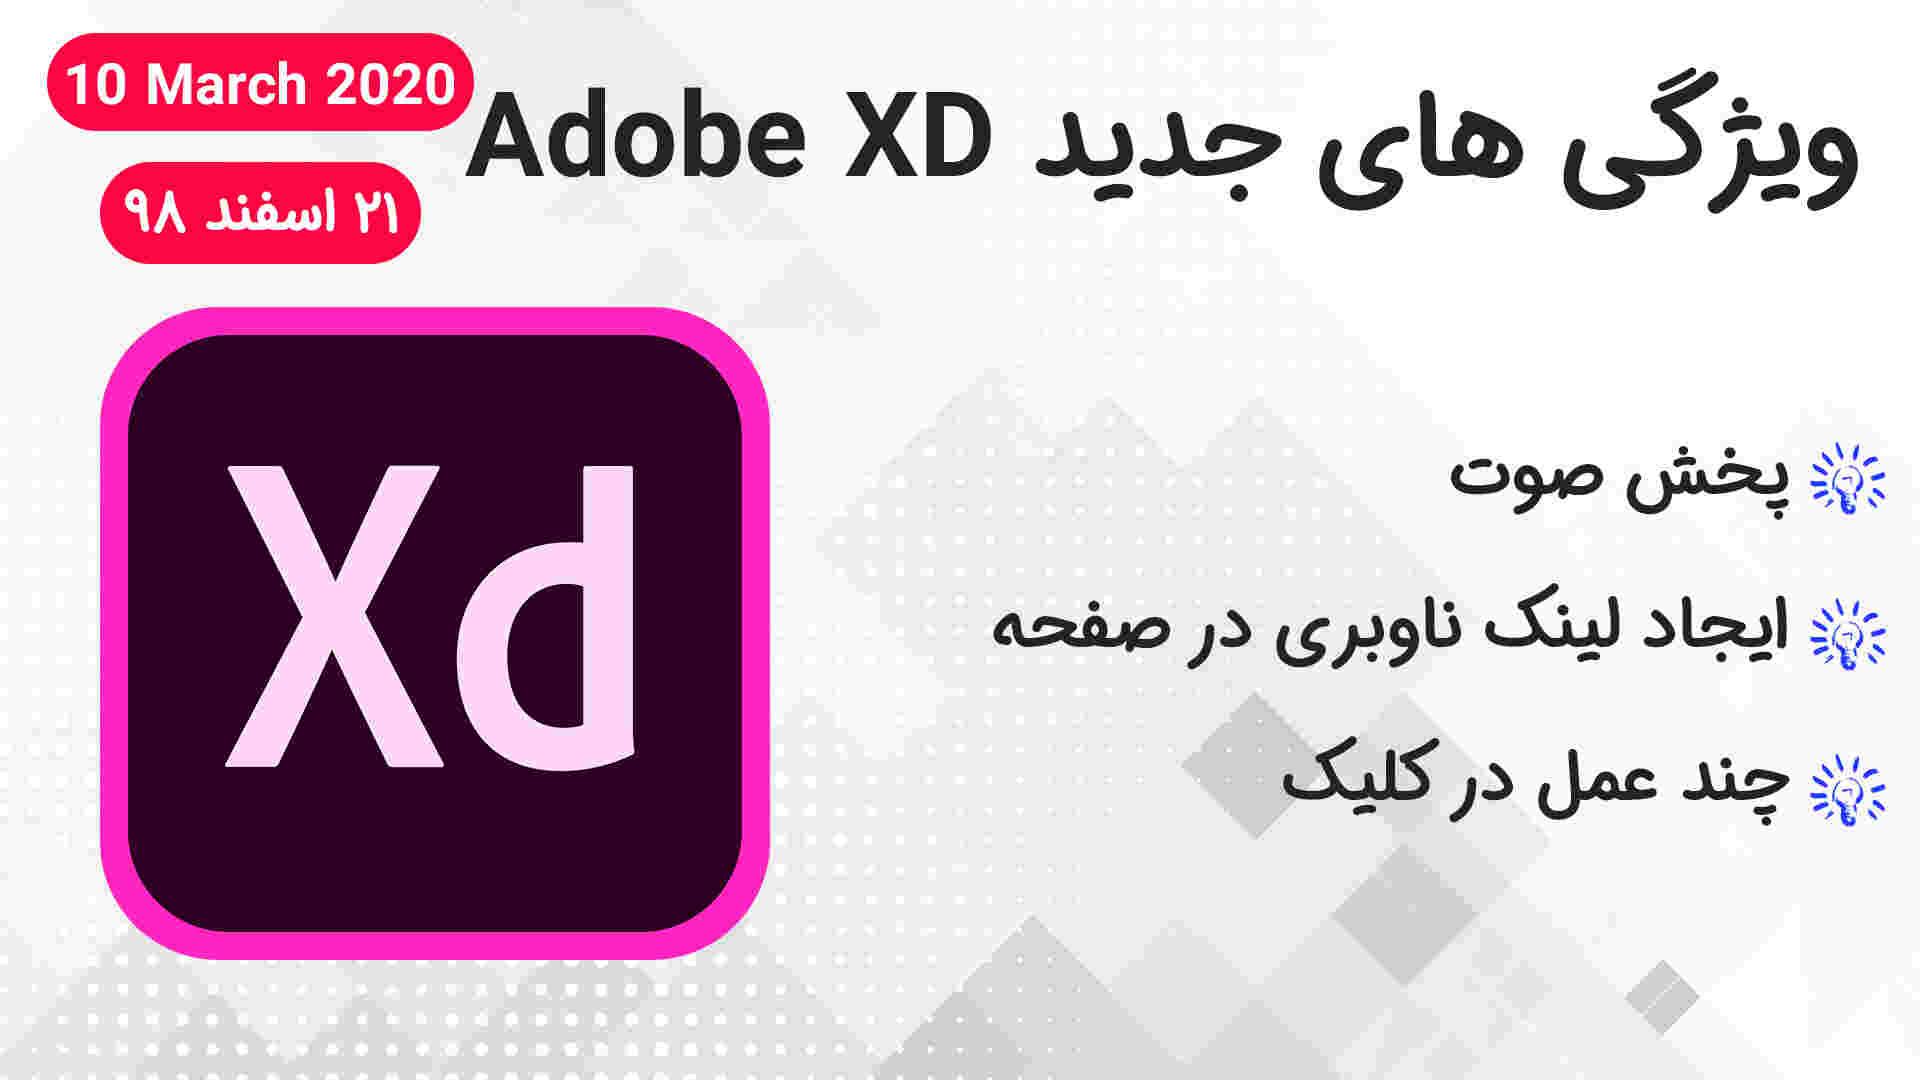 ویژگی های جدید Adobe XD – (مارس 2020)